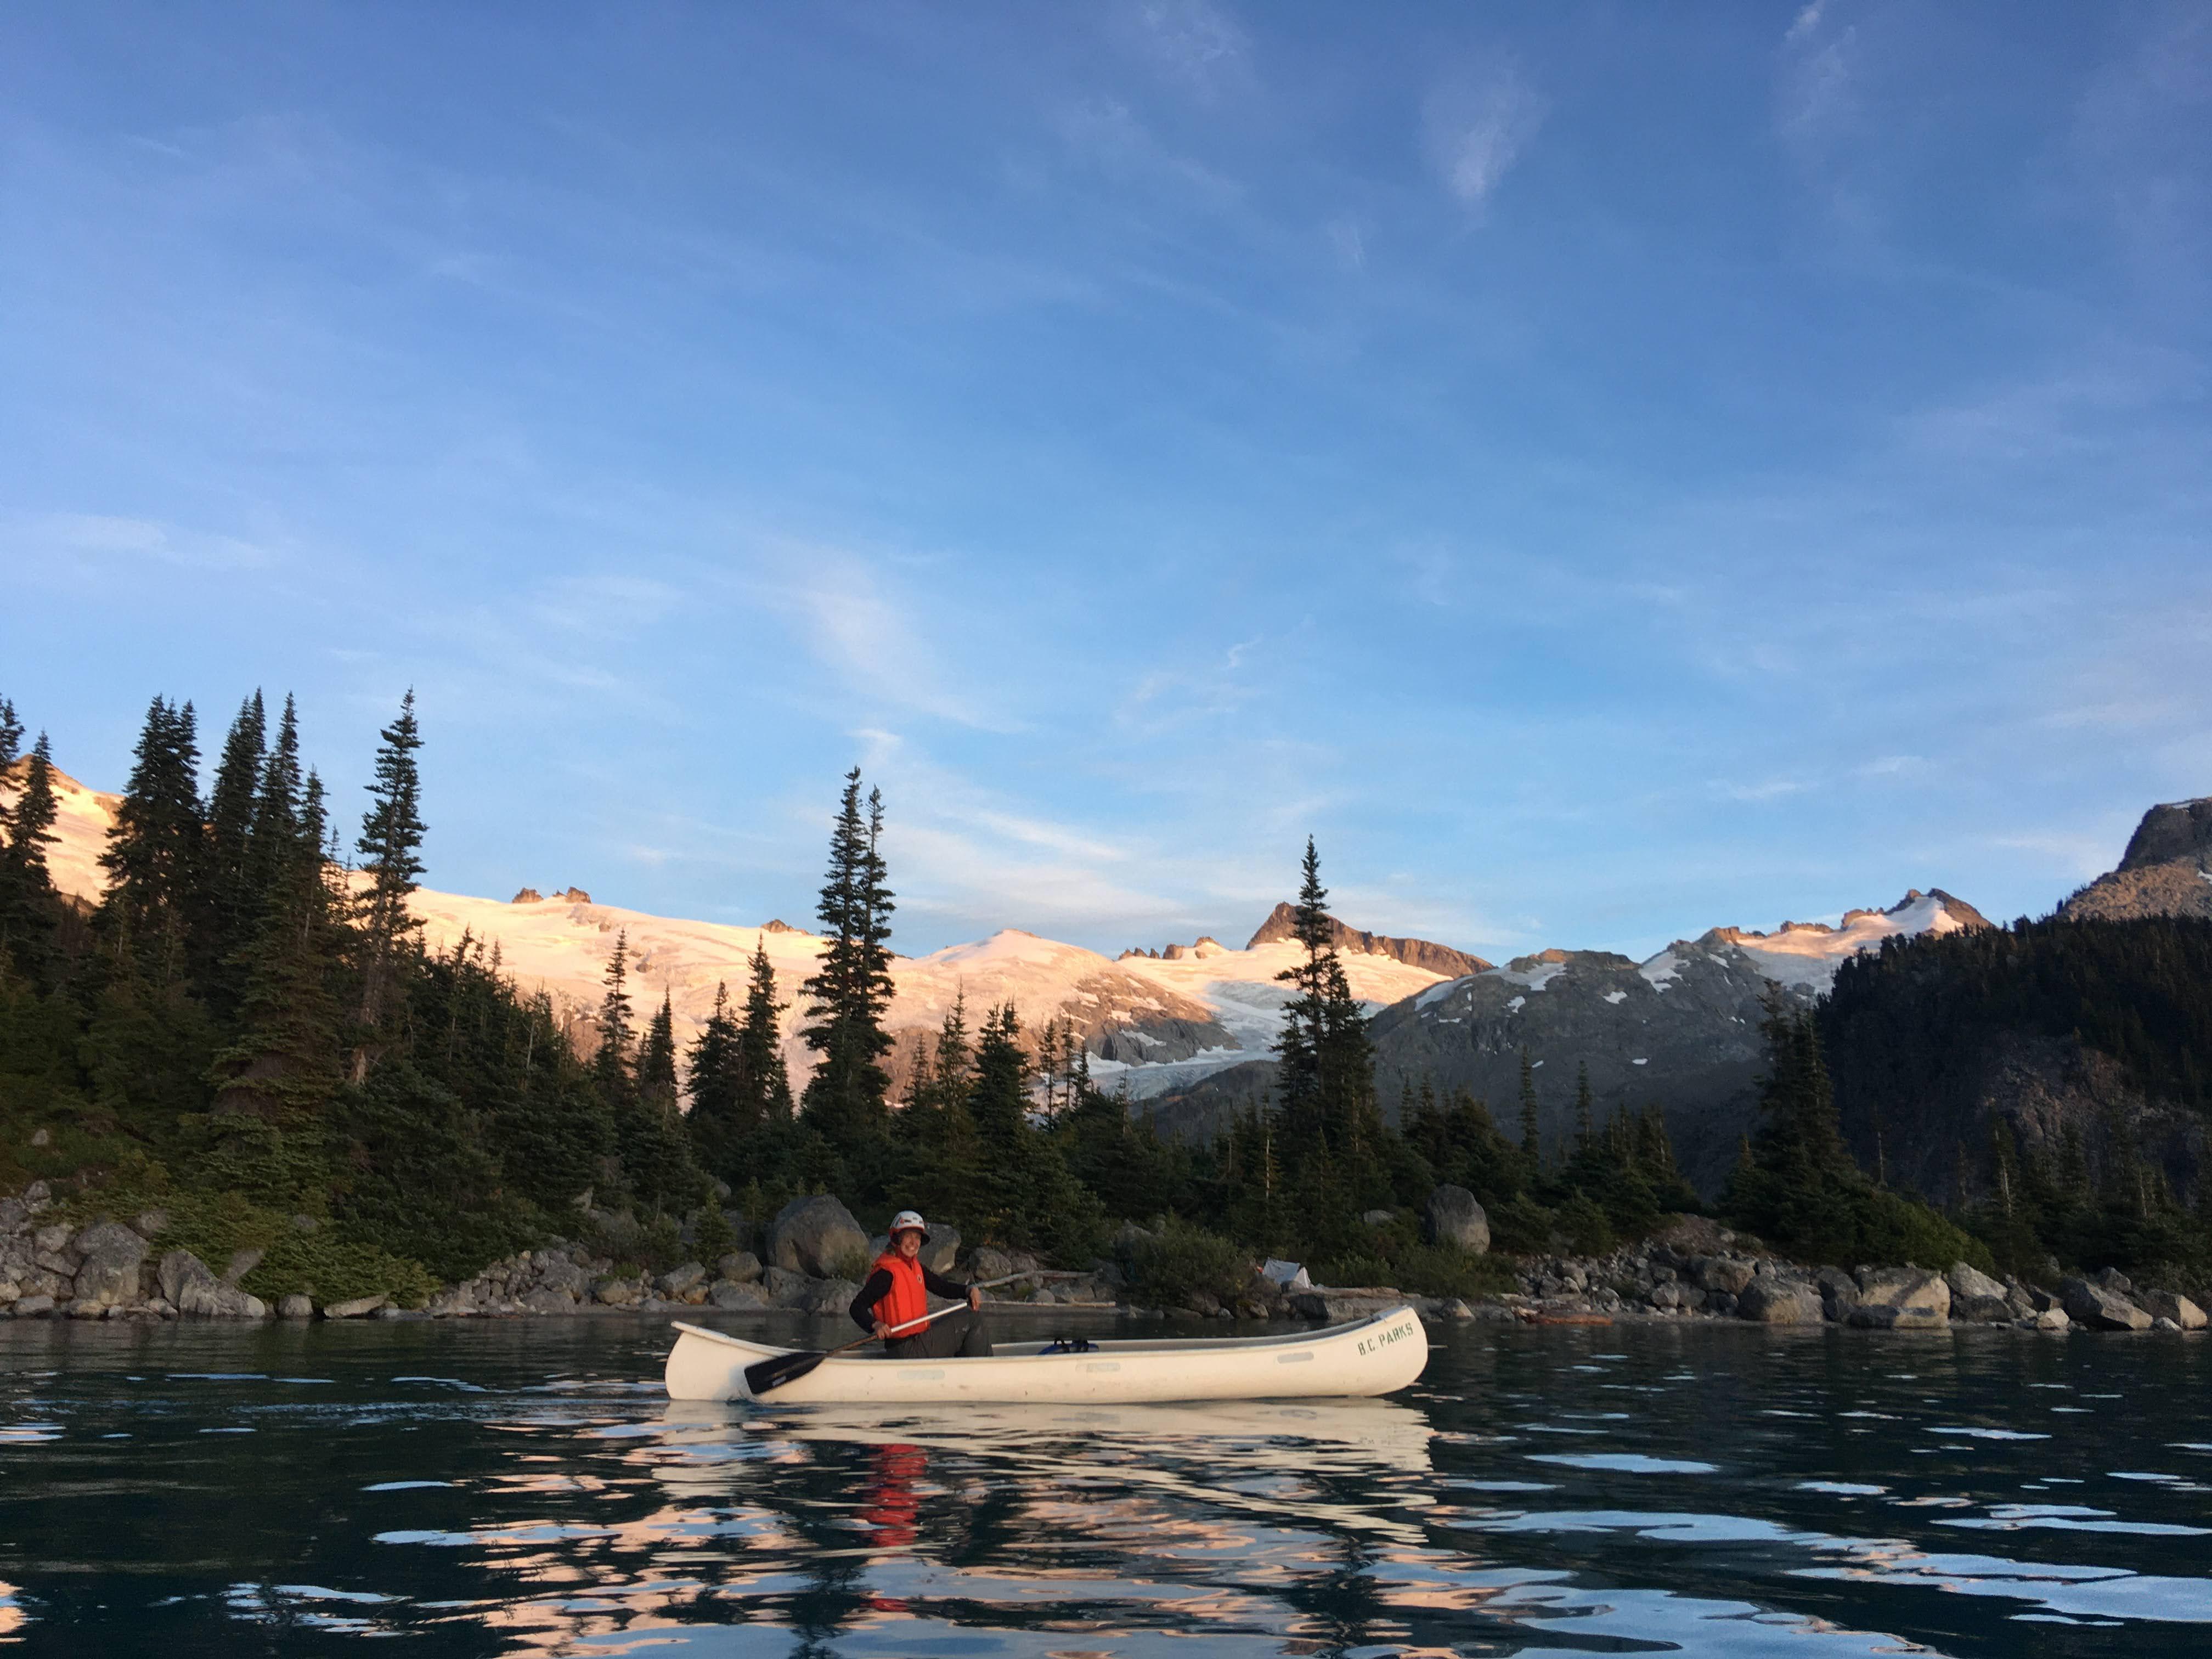 Cassandra modeling for BC Parks canoe team. Photo by Melissa